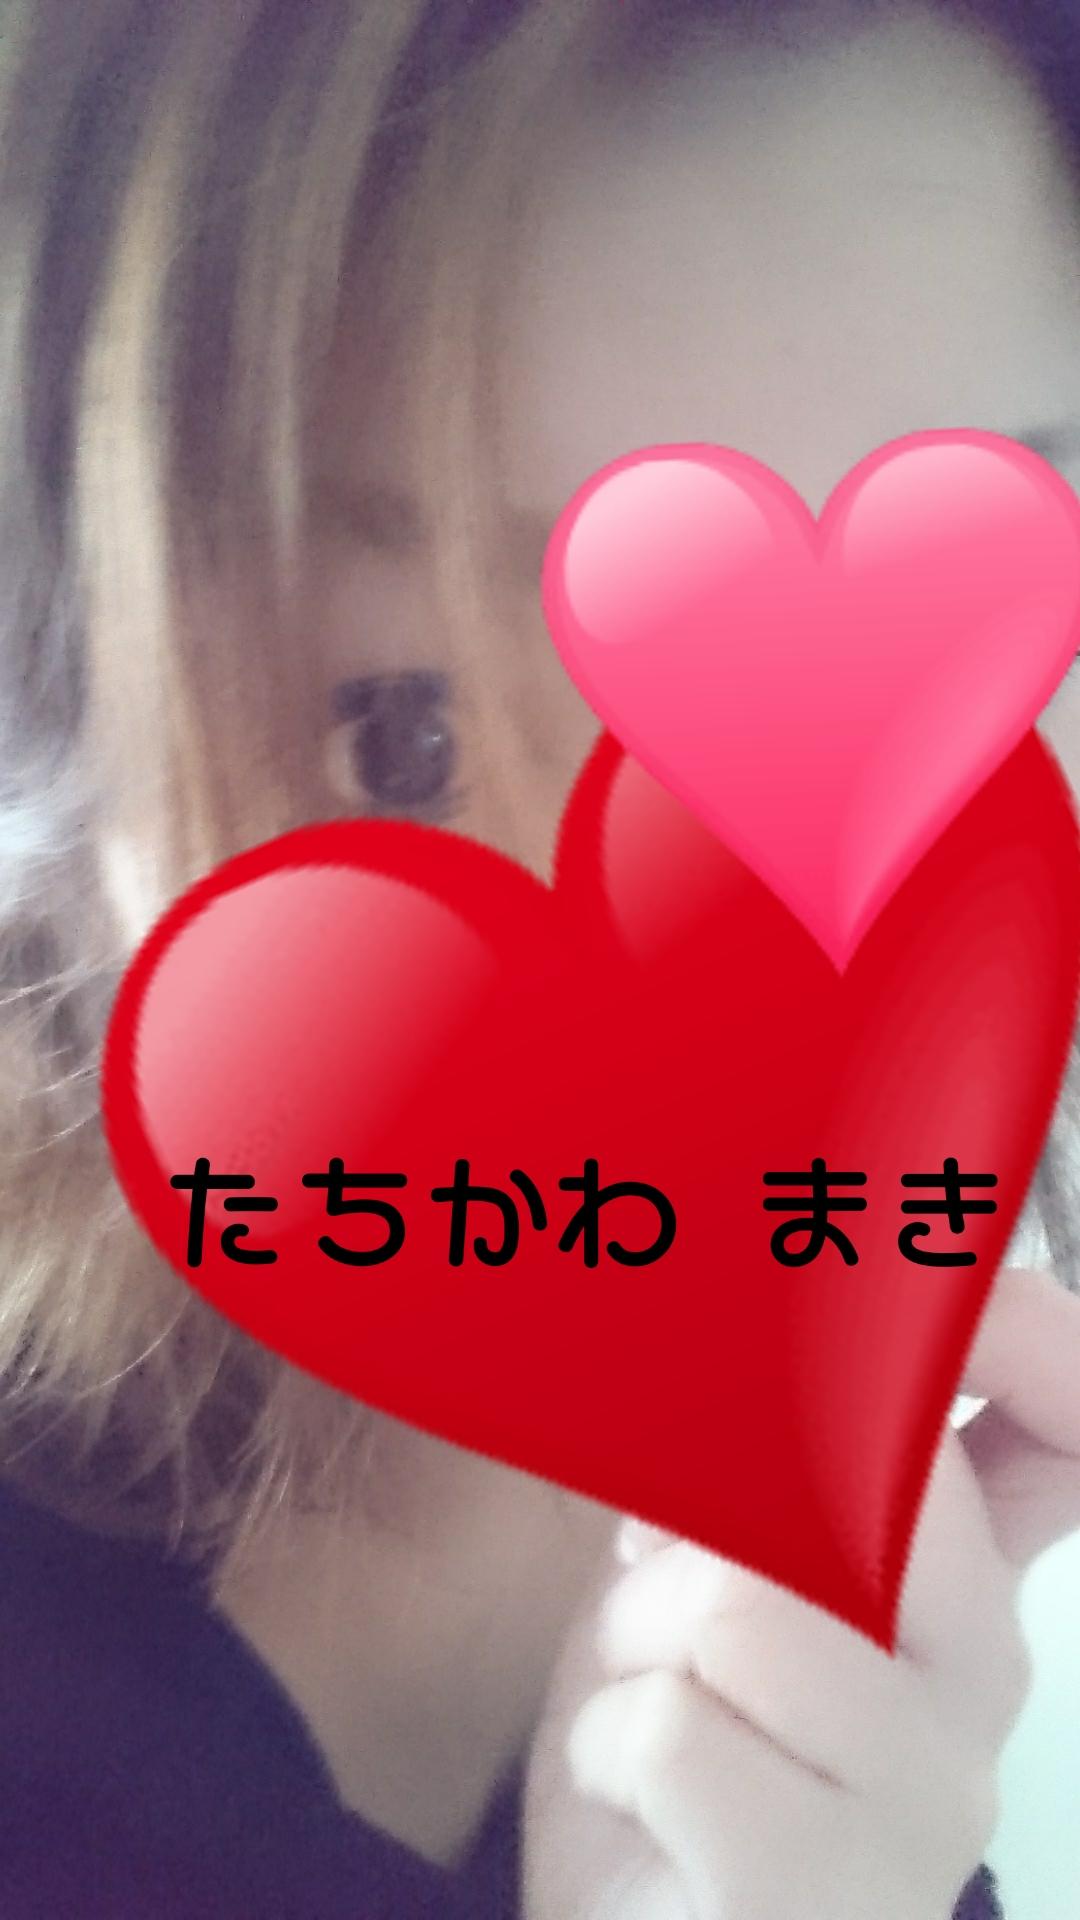 立川 まき「おっはよーございますっ♪」02/28(火) 09:25 | 立川 まきの写メ・風俗動画